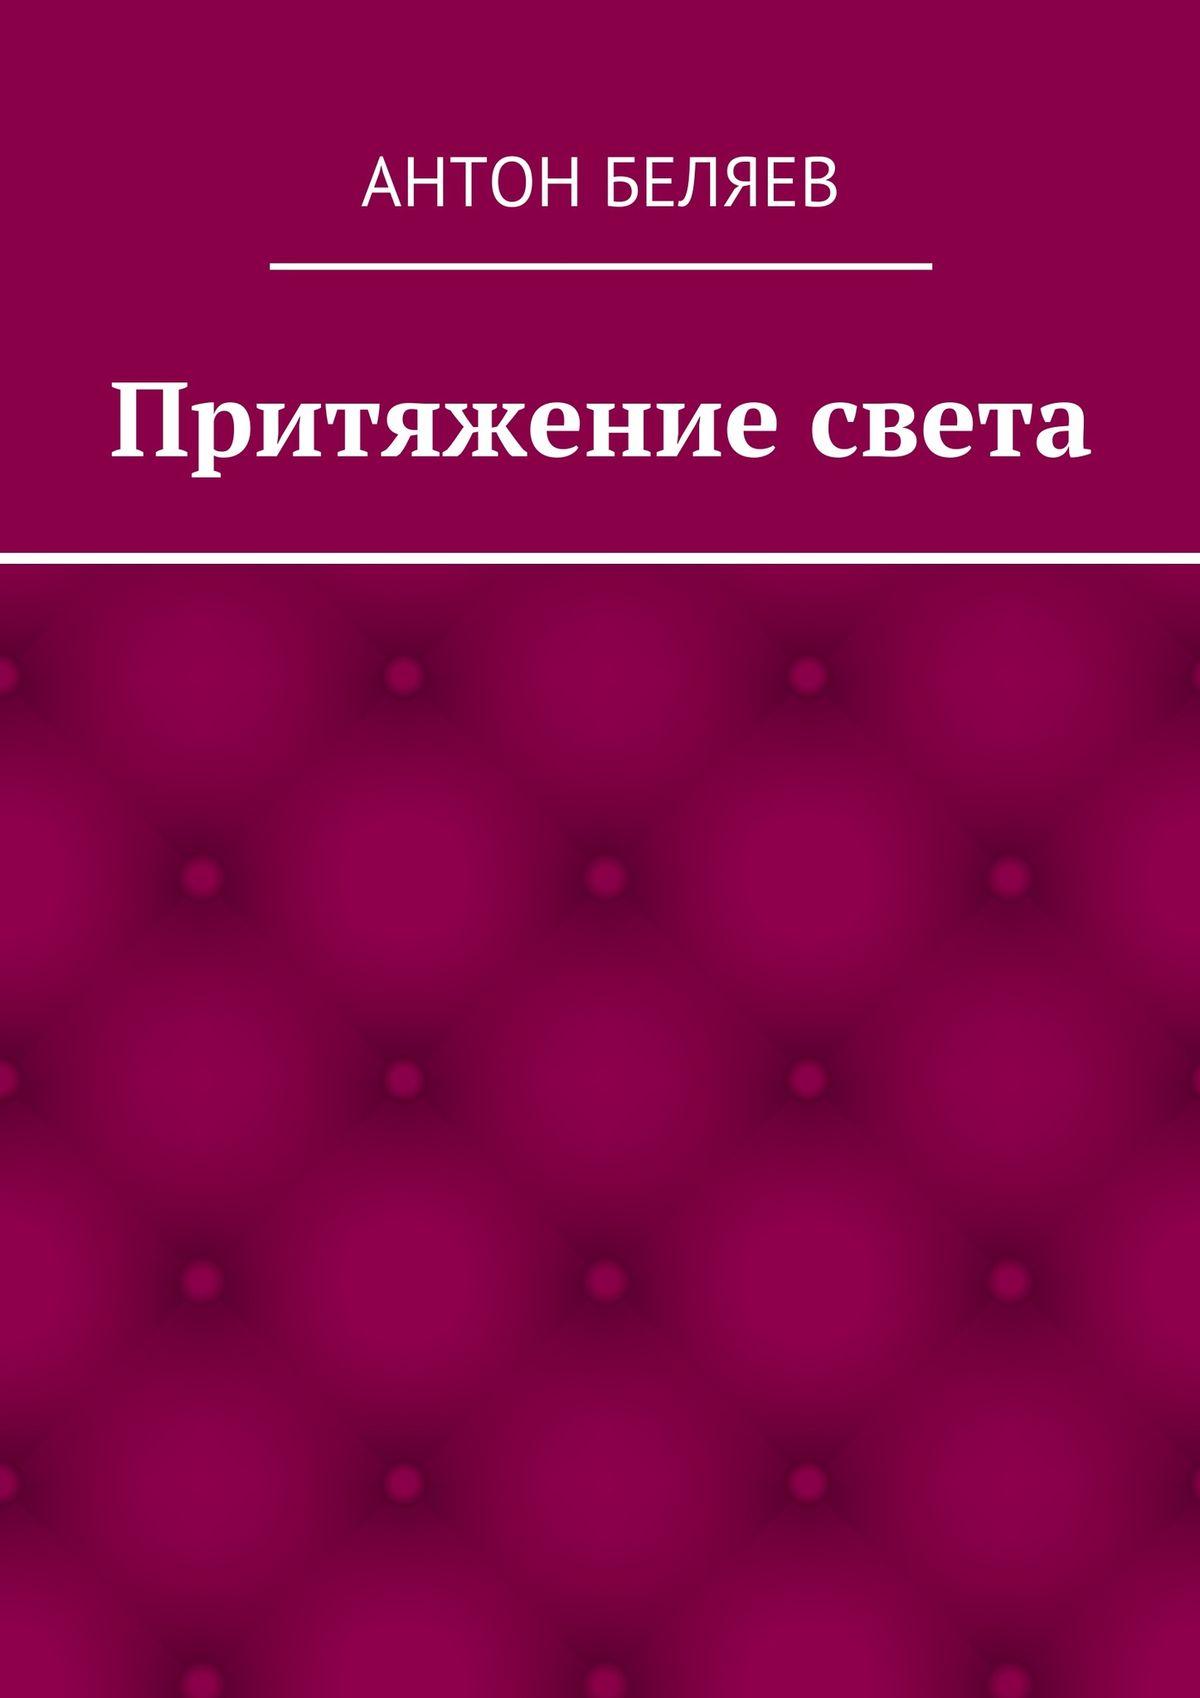 Антон Беляев Притяжение света от мрака к свету